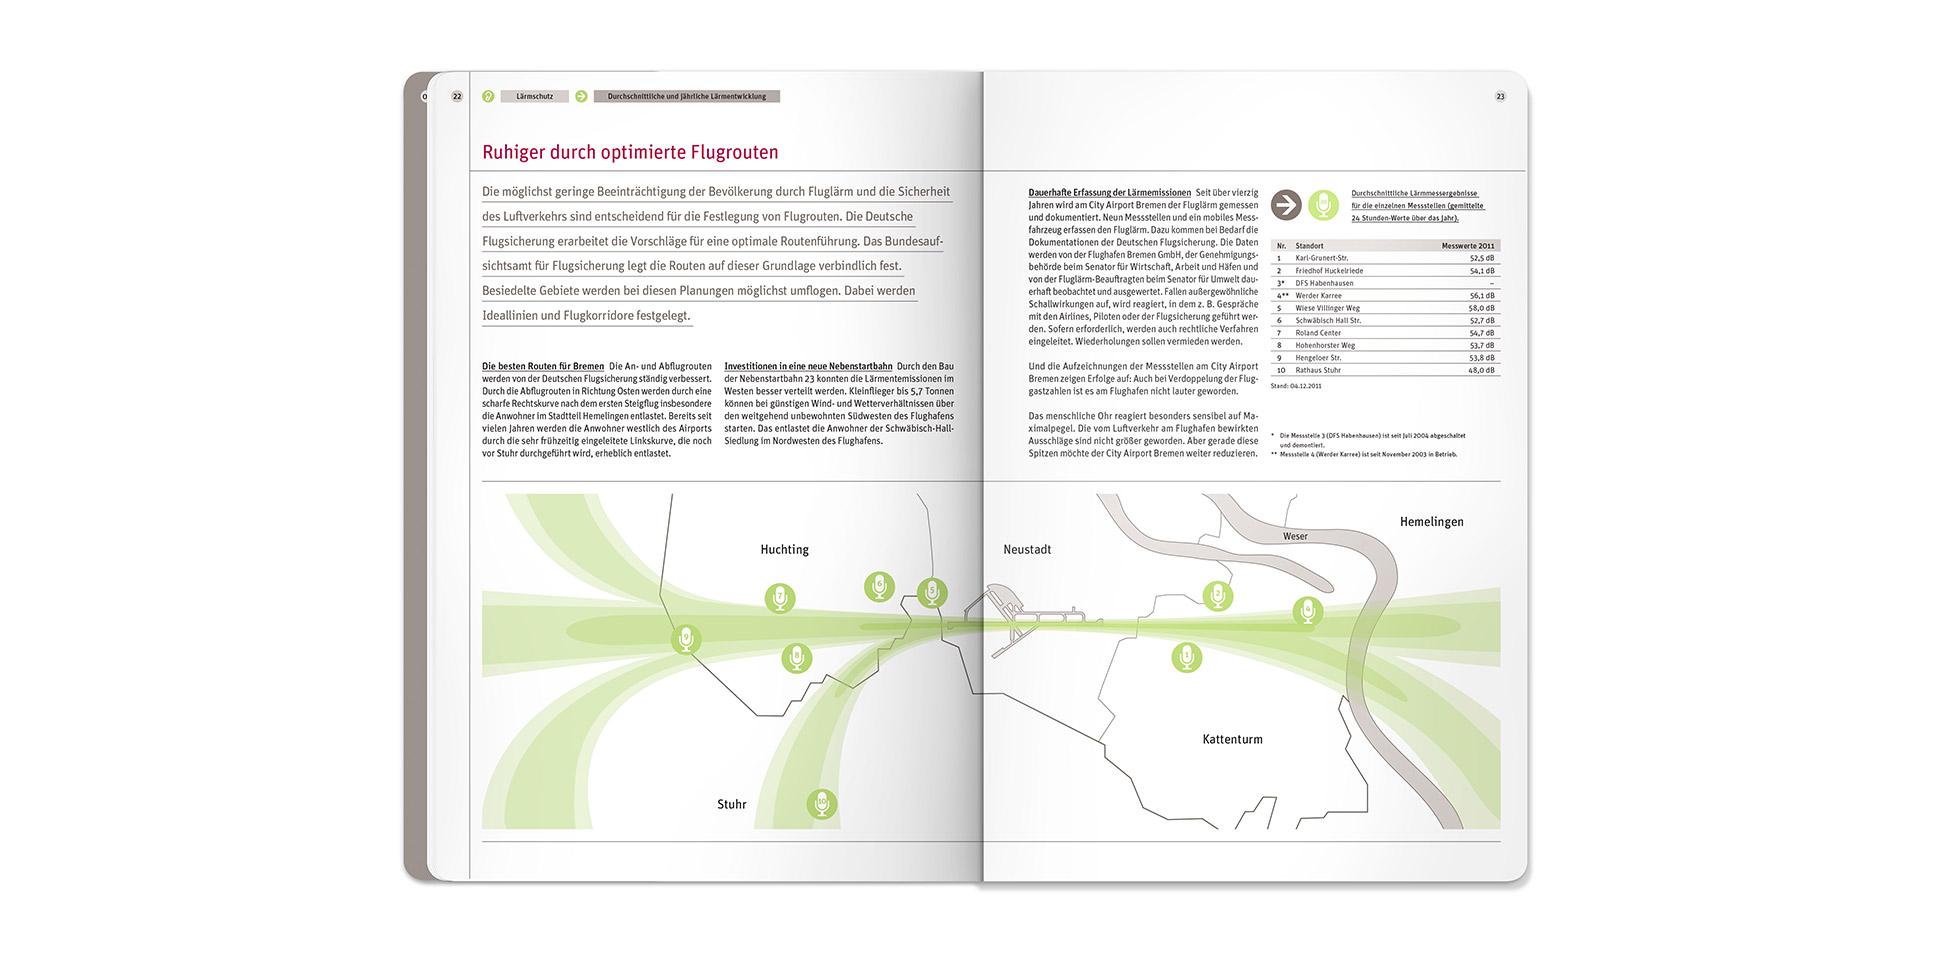 airport-bremen umweltbericht optimierte-flugrouten 2012 polarwerk